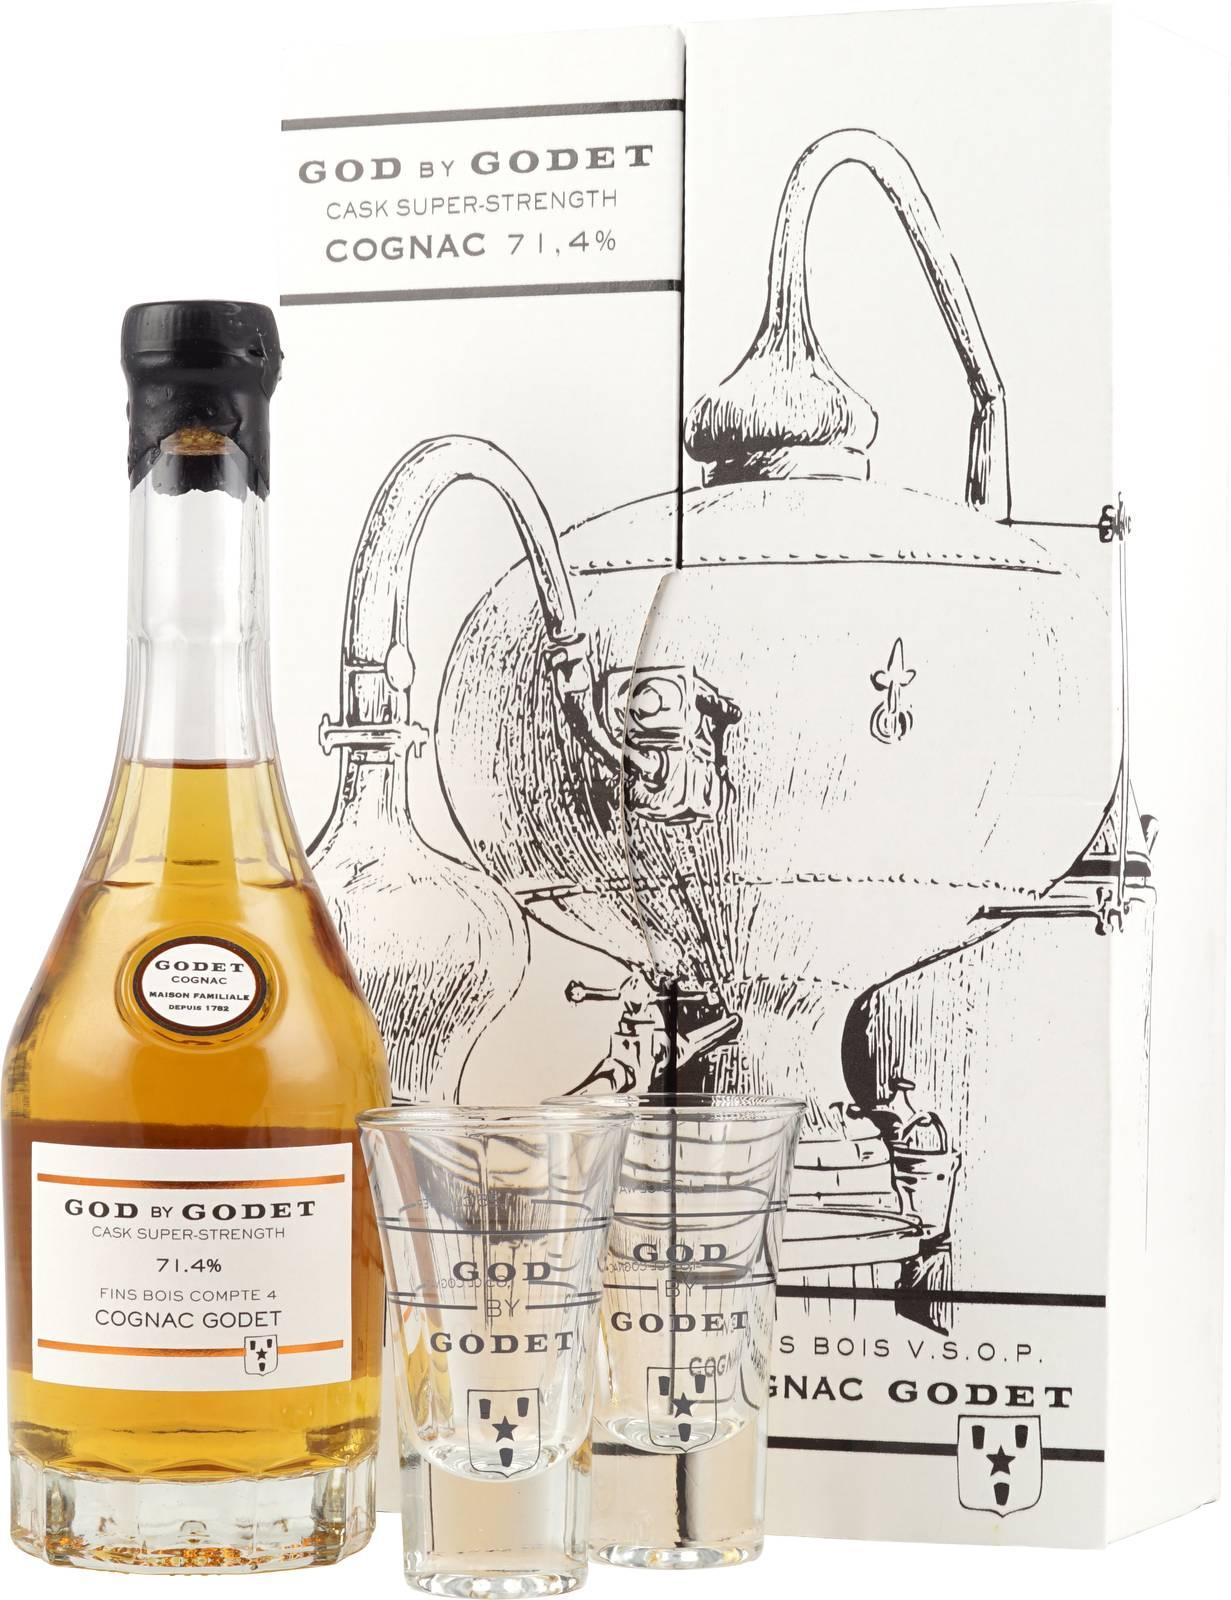 God by Godet der Premium Cognac in der Super Cask Strength Edition